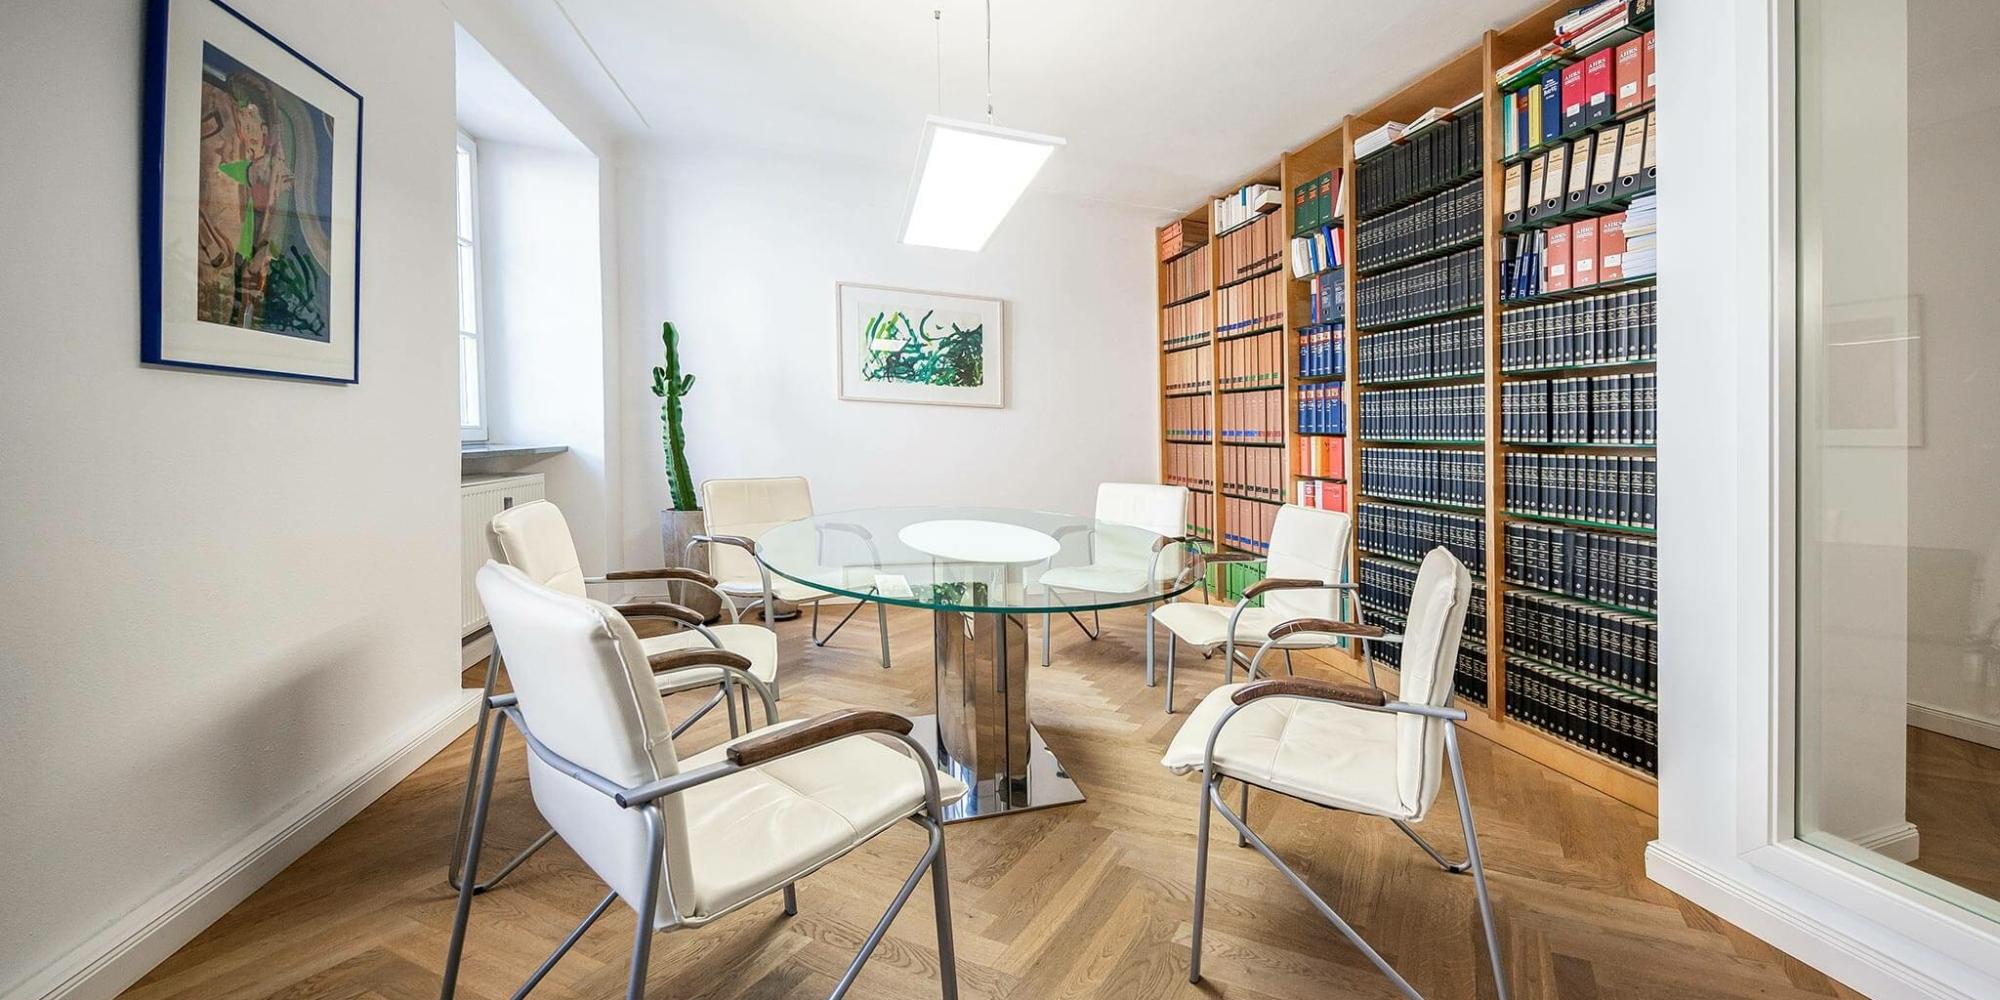 Strafrecht, Verwaltungsrecht, Sozialrecht, Miet- und Wohnungseigentumsrecht in Passau | Schima